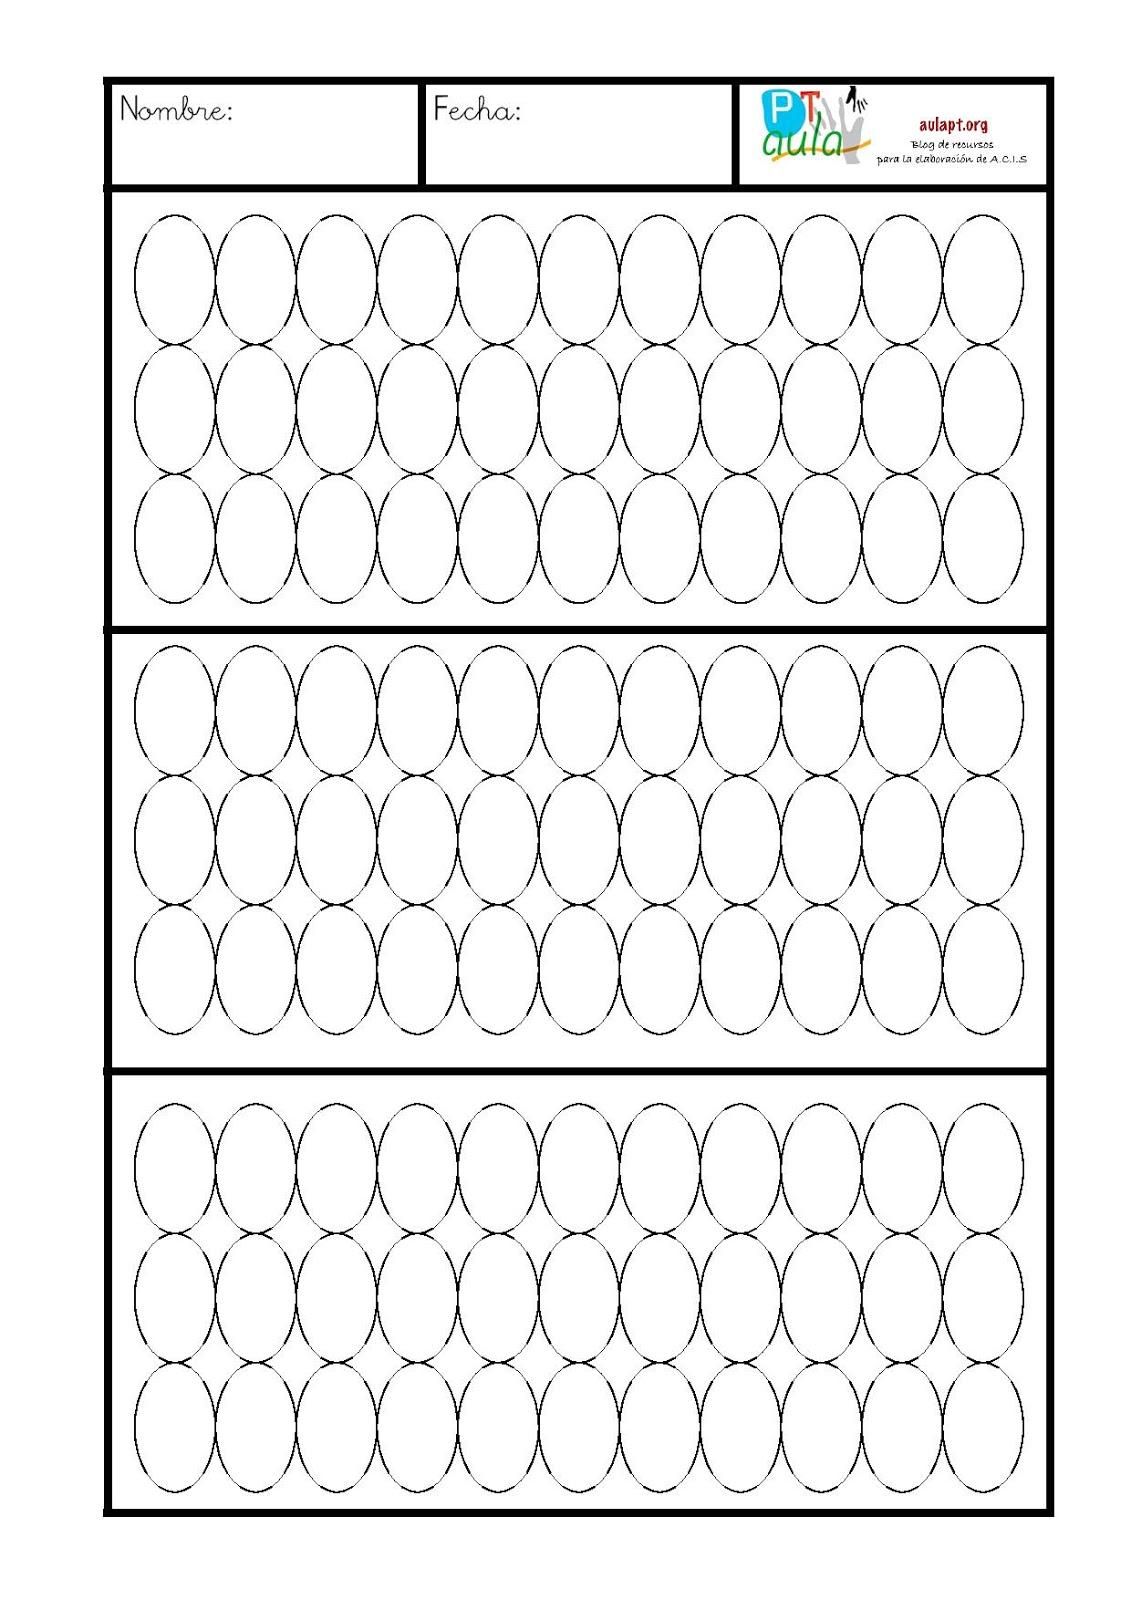 Fichas de primaria plantilla para mosaicos - Plantillas pared ...